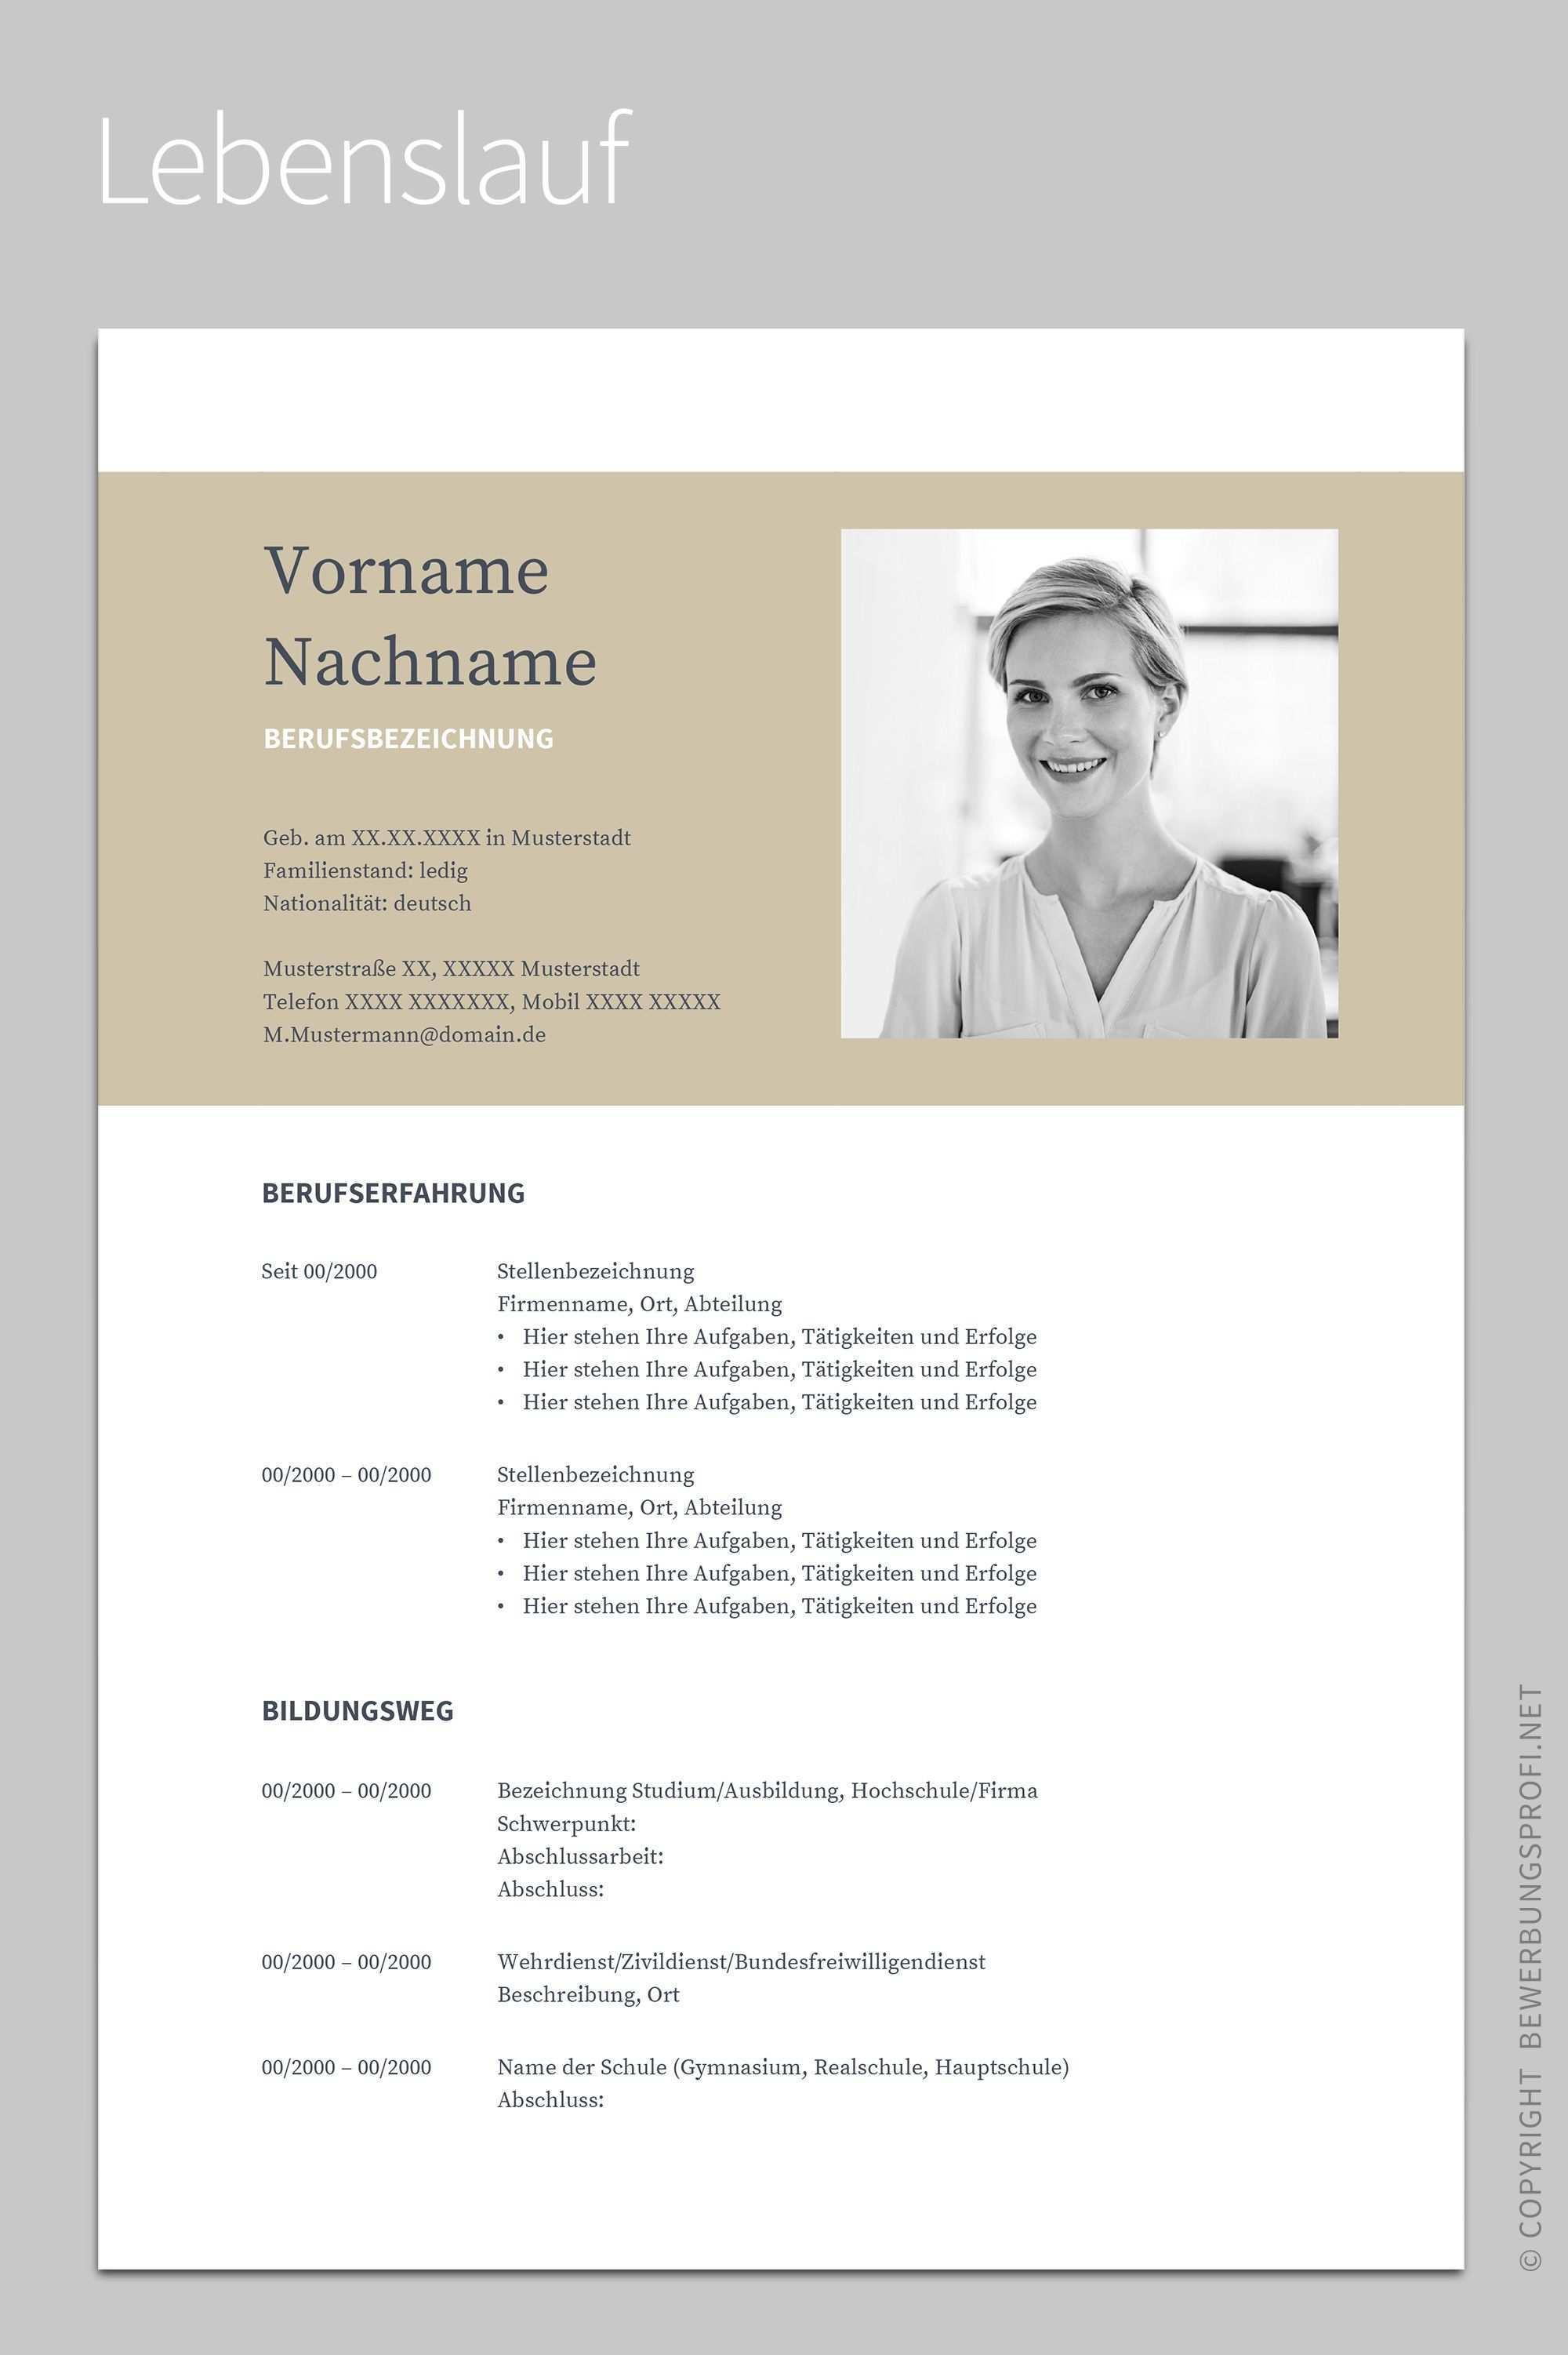 Bewerbung Napea Mit Lebenslauf Deutsch Vorlage Muster Fur Word Openoffice Und Google Docs Bewerbung Layout Lebenslauf Bewerbung Muster